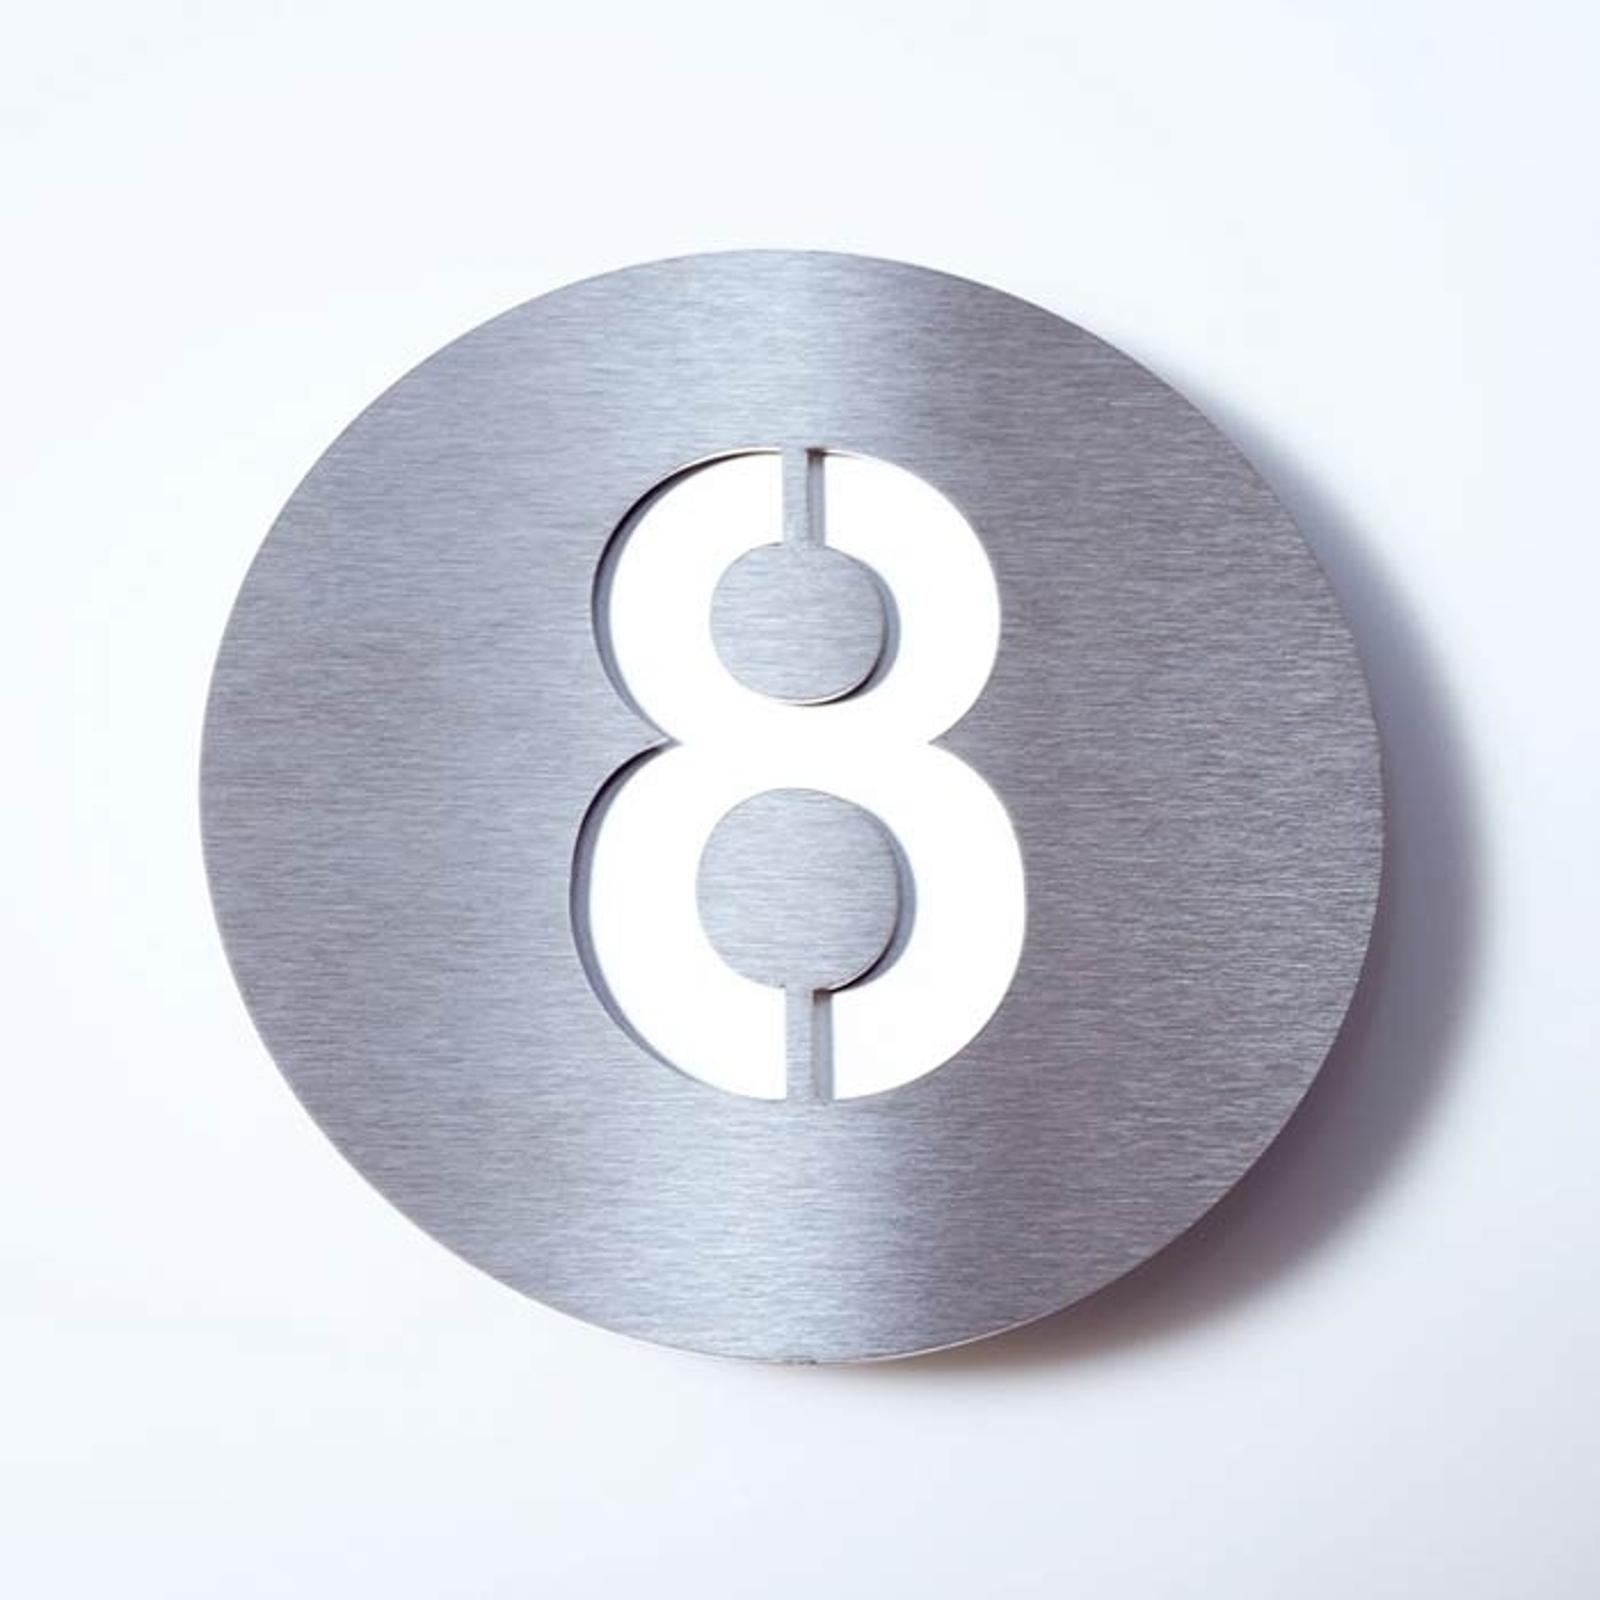 Hausnummer Round aus Edelstahl - 8